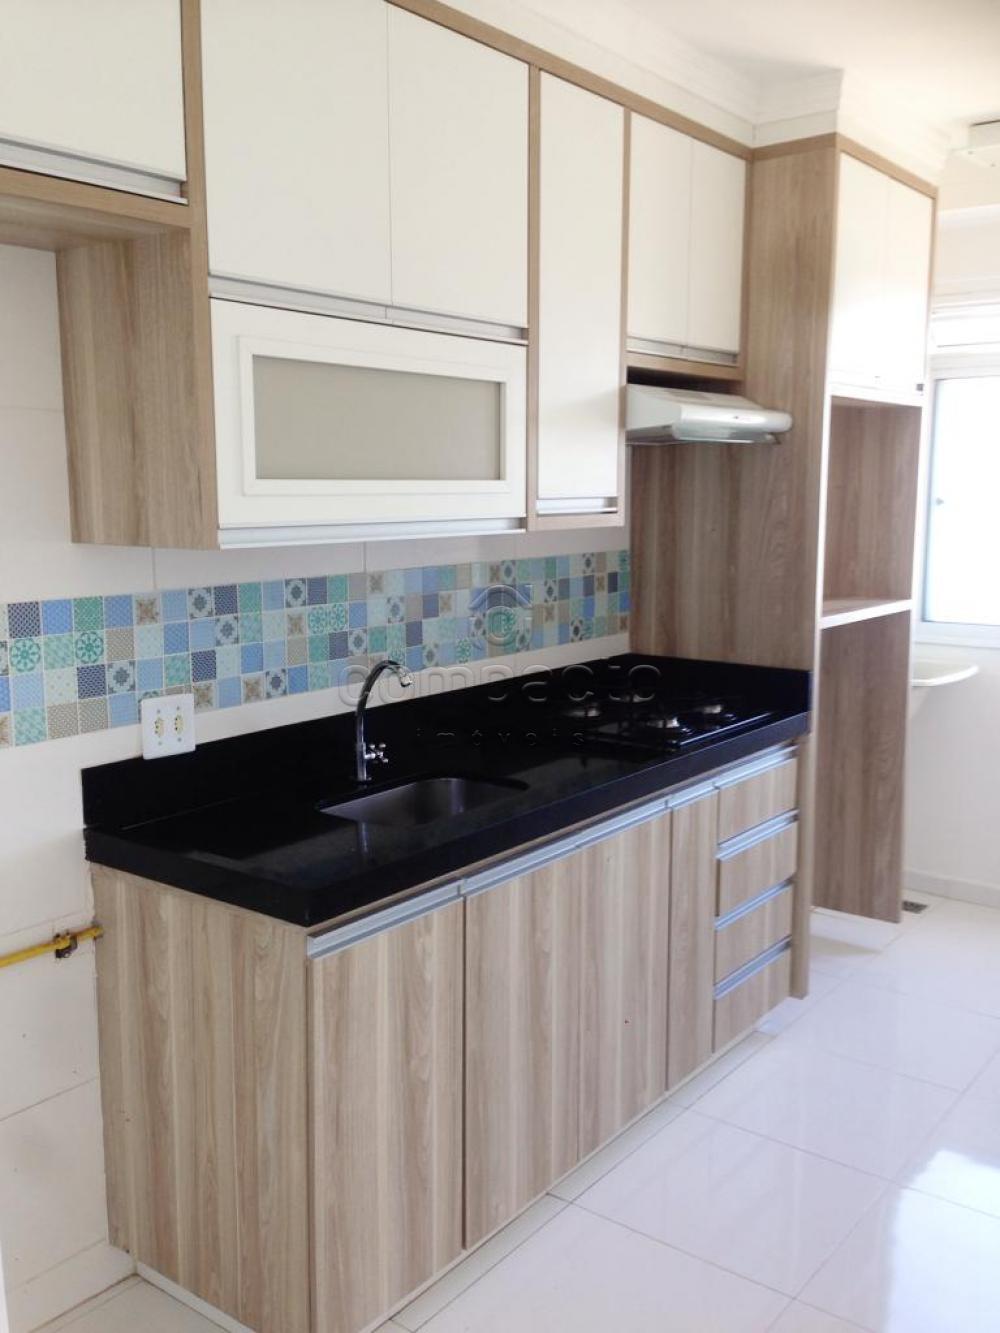 Comprar Apartamento / Padrão em São José do Rio Preto apenas R$ 240.000,00 - Foto 6